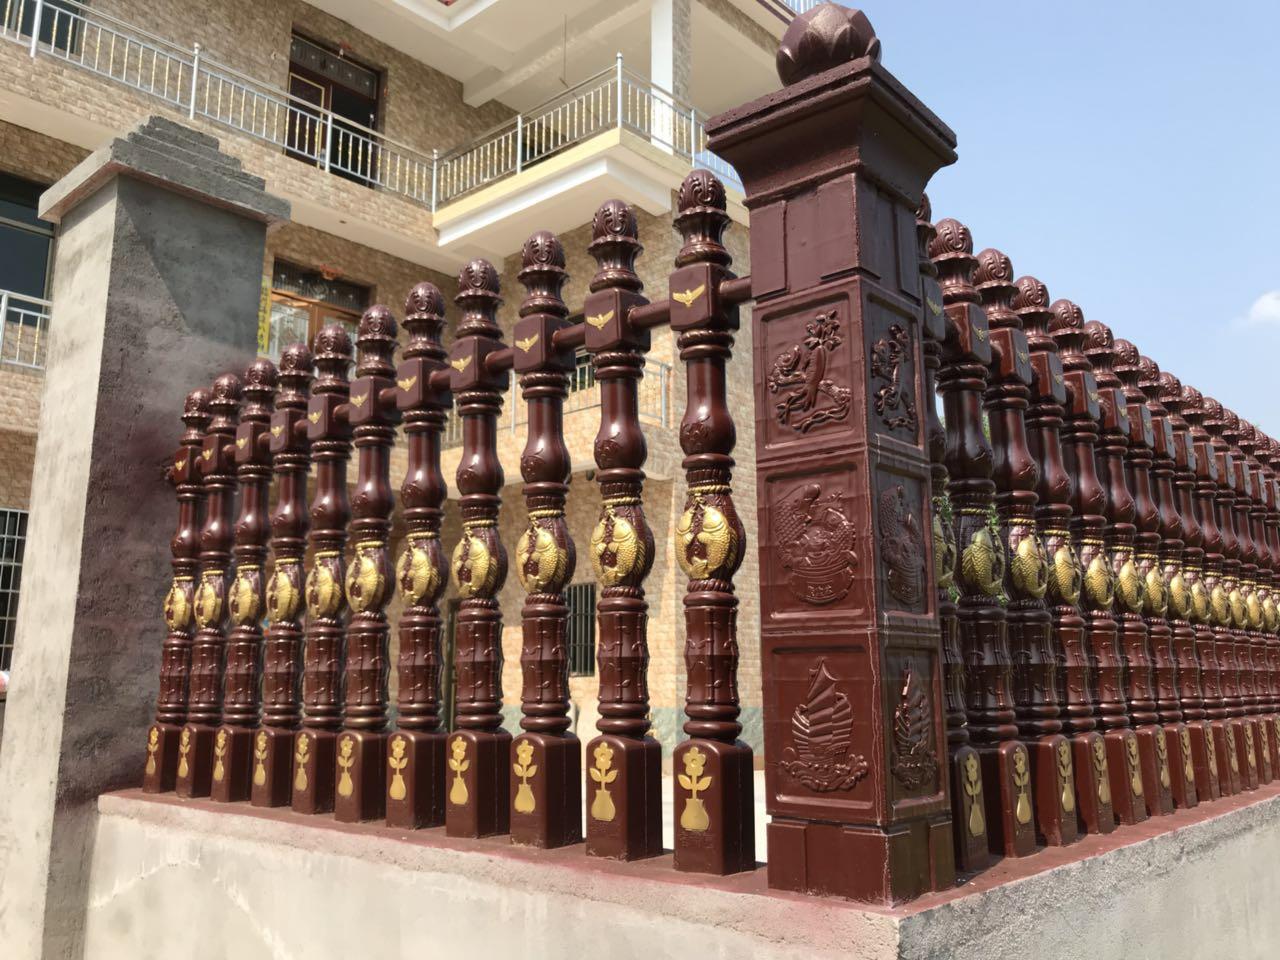 你知道吉安水泥仿木栏杆造型的制作步骤吗?